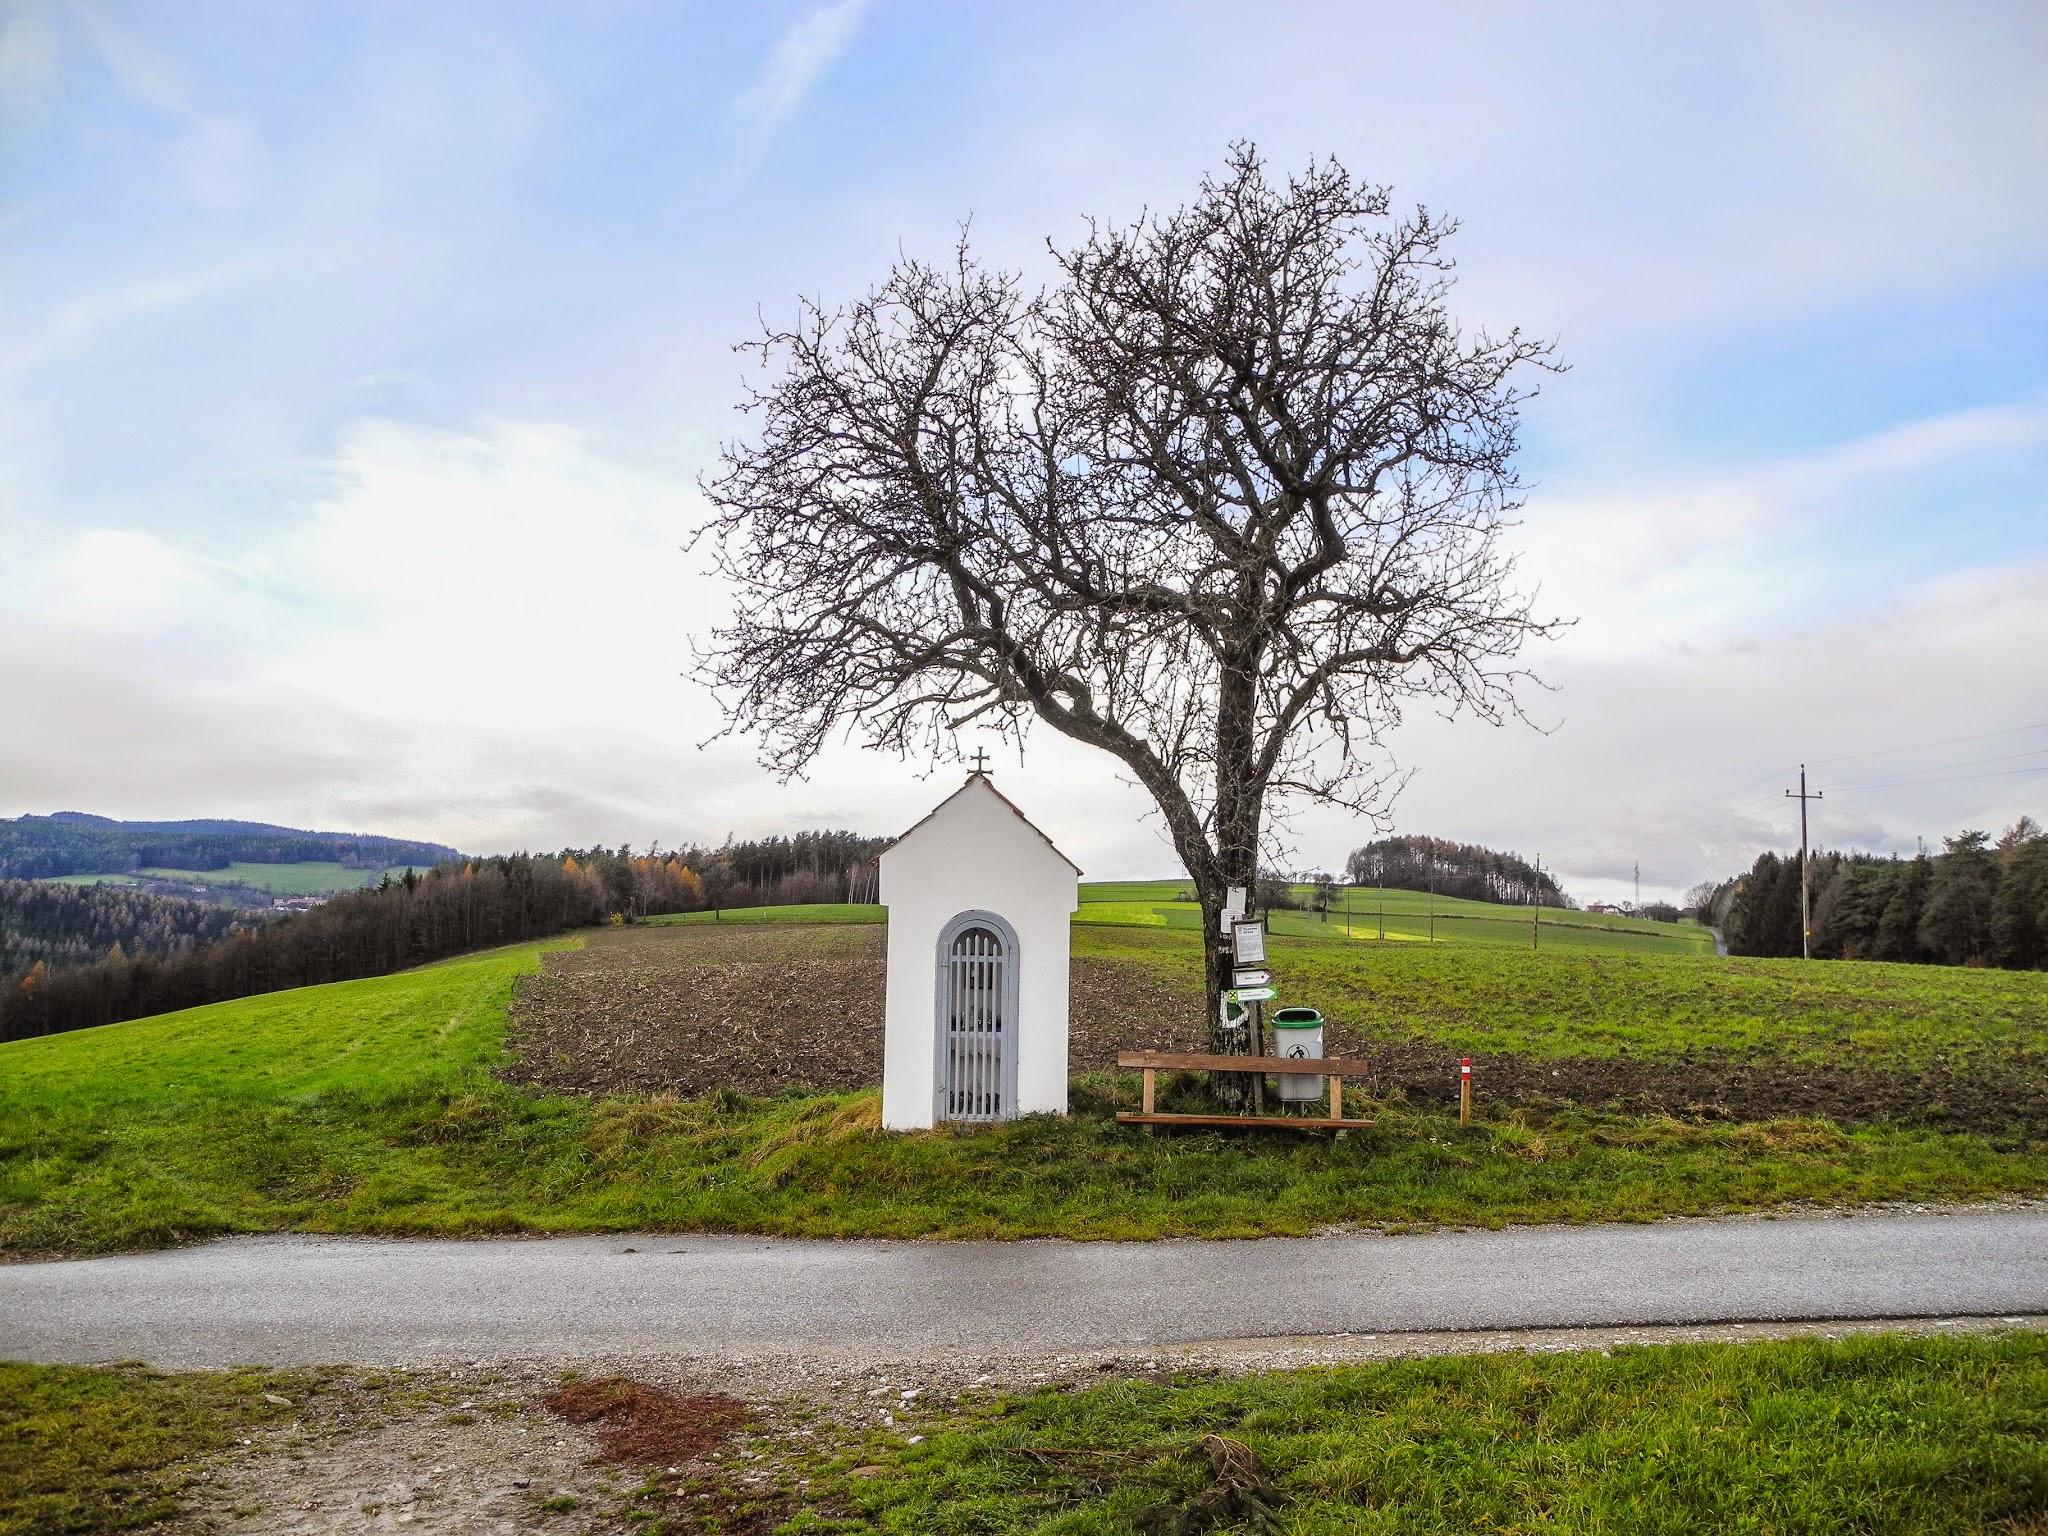 Burgenlandroute Etappe 03: Scheiblingkirchen – Maria Schutz